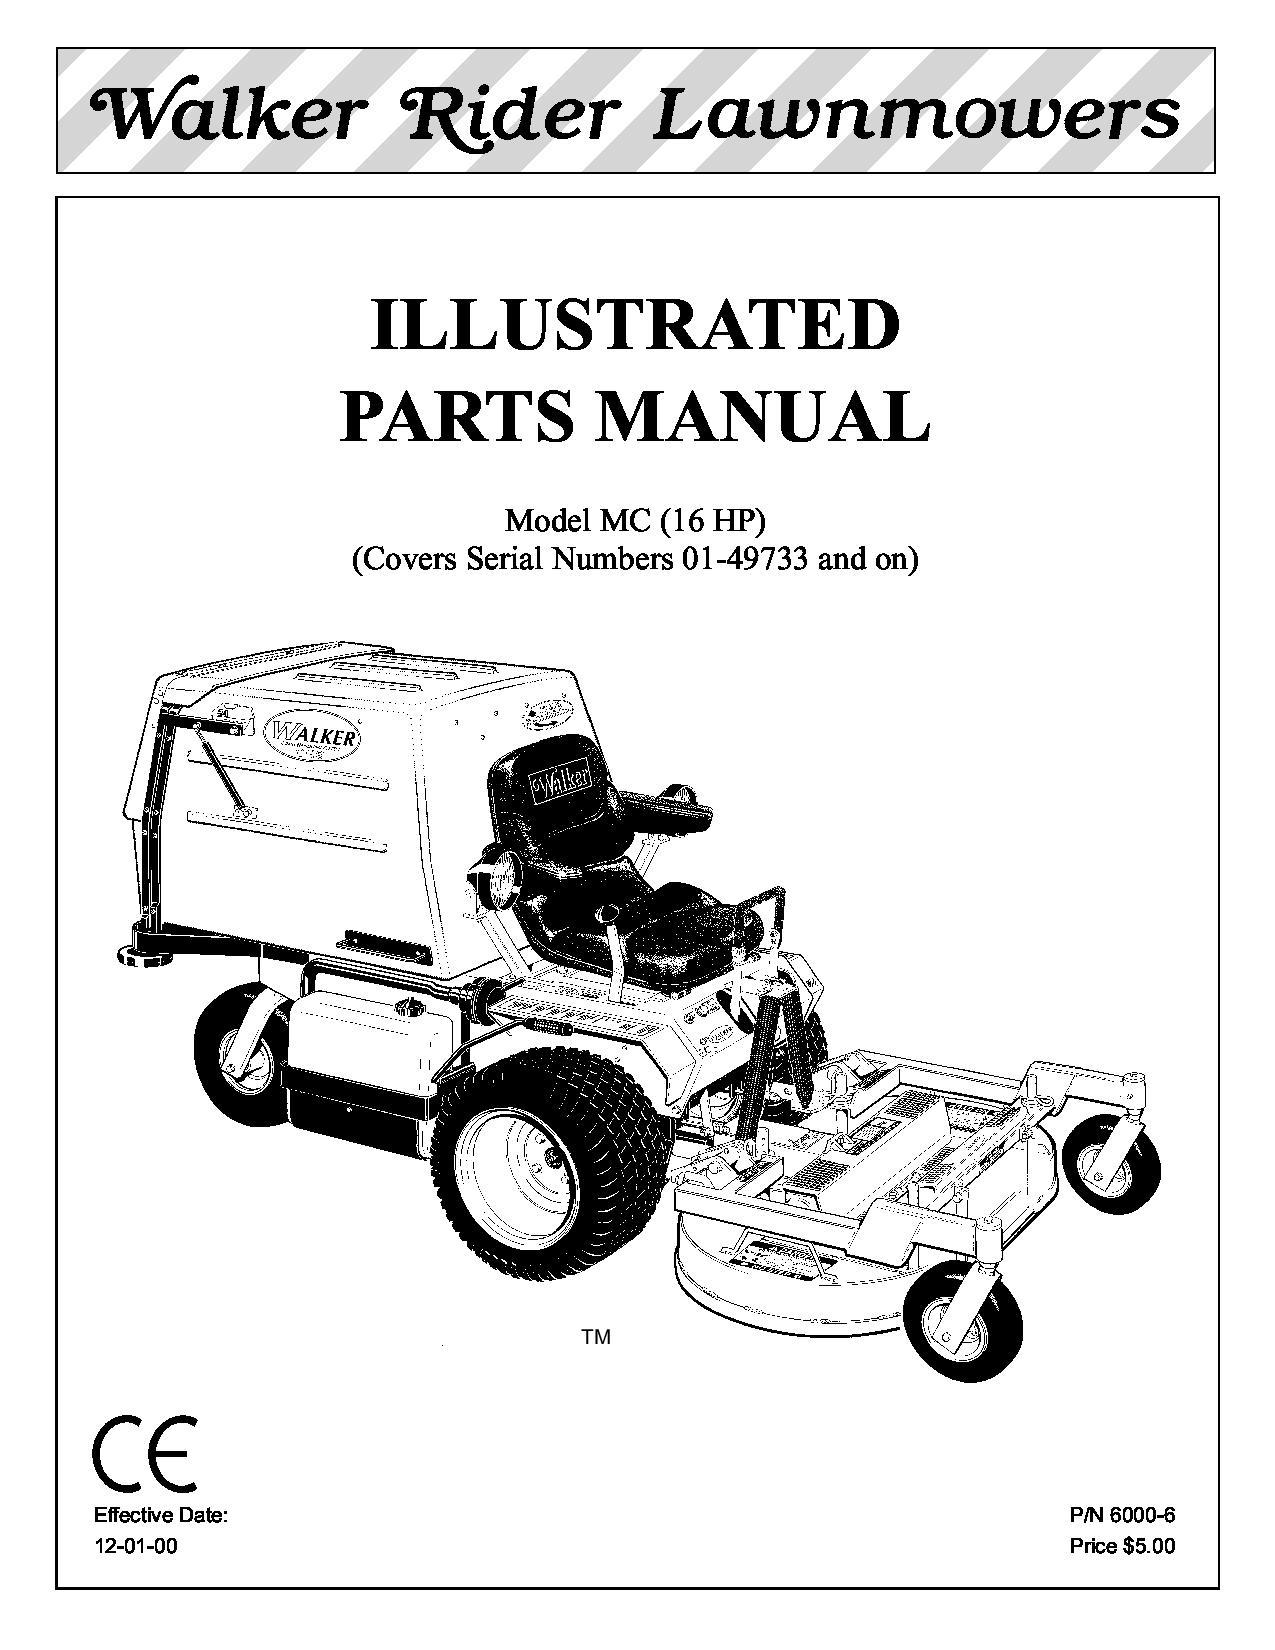 Walker manuals